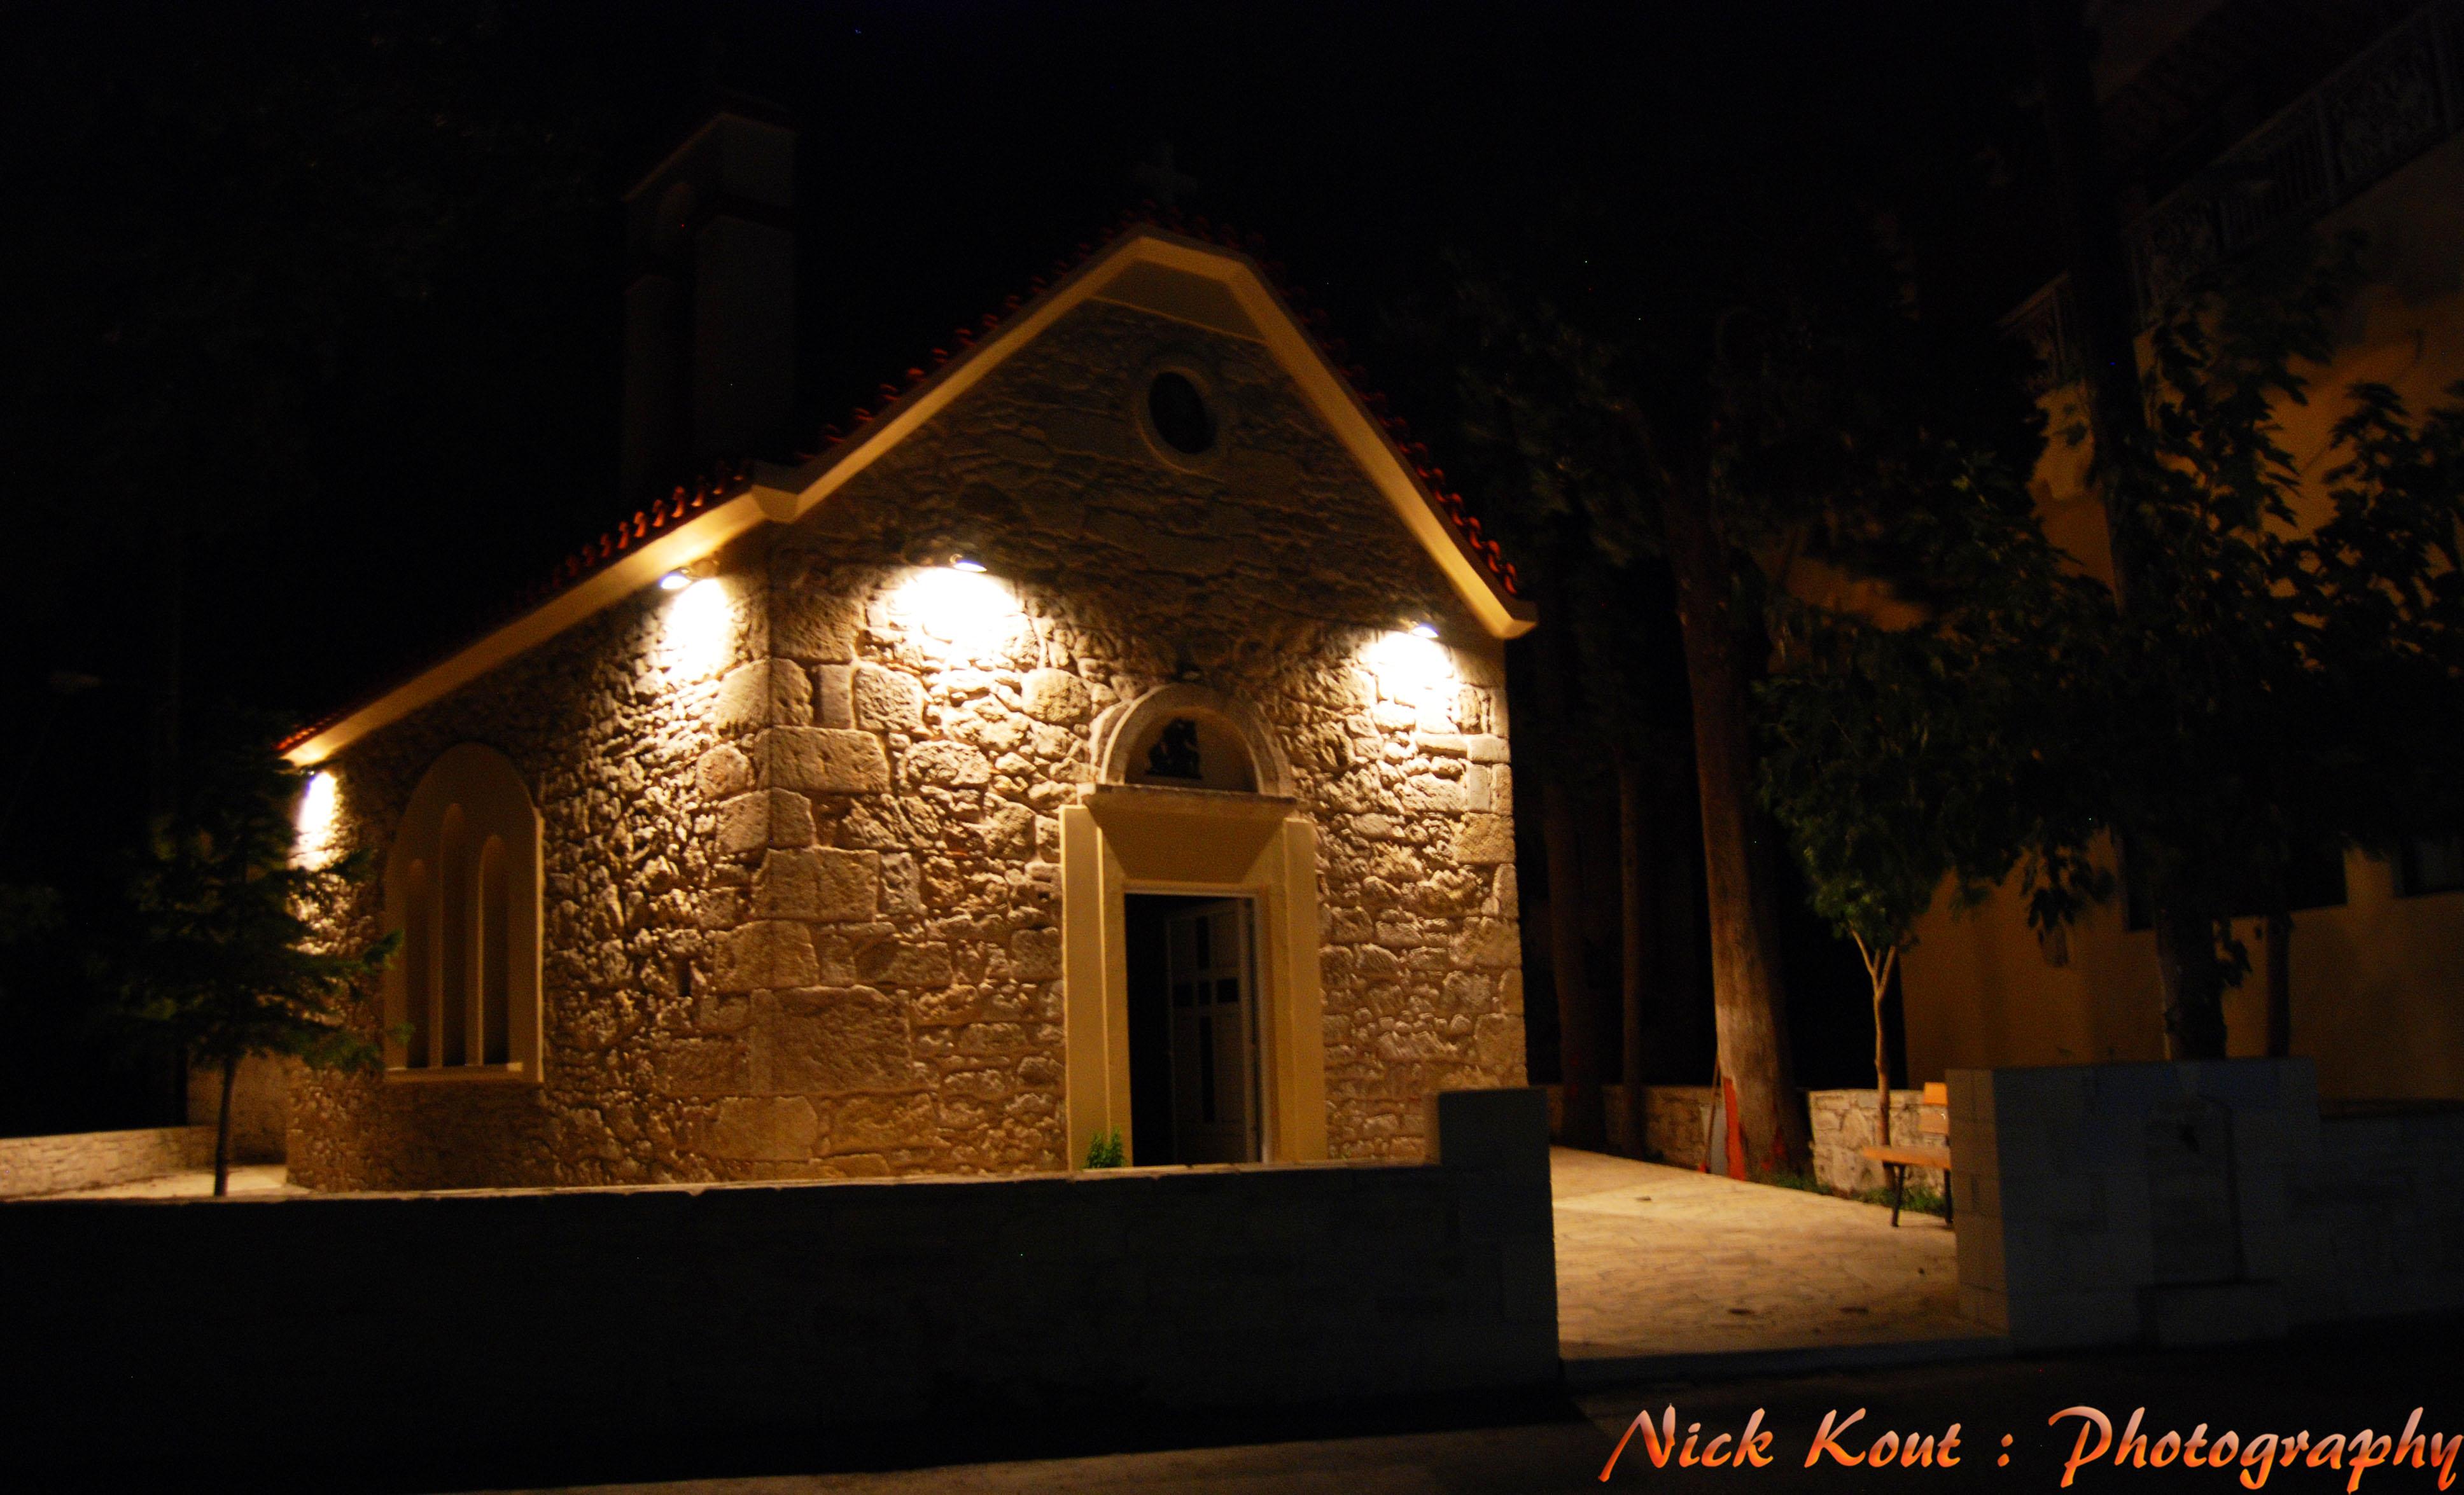 Sfondi : notte casa sera grecia nikon chiesa religione